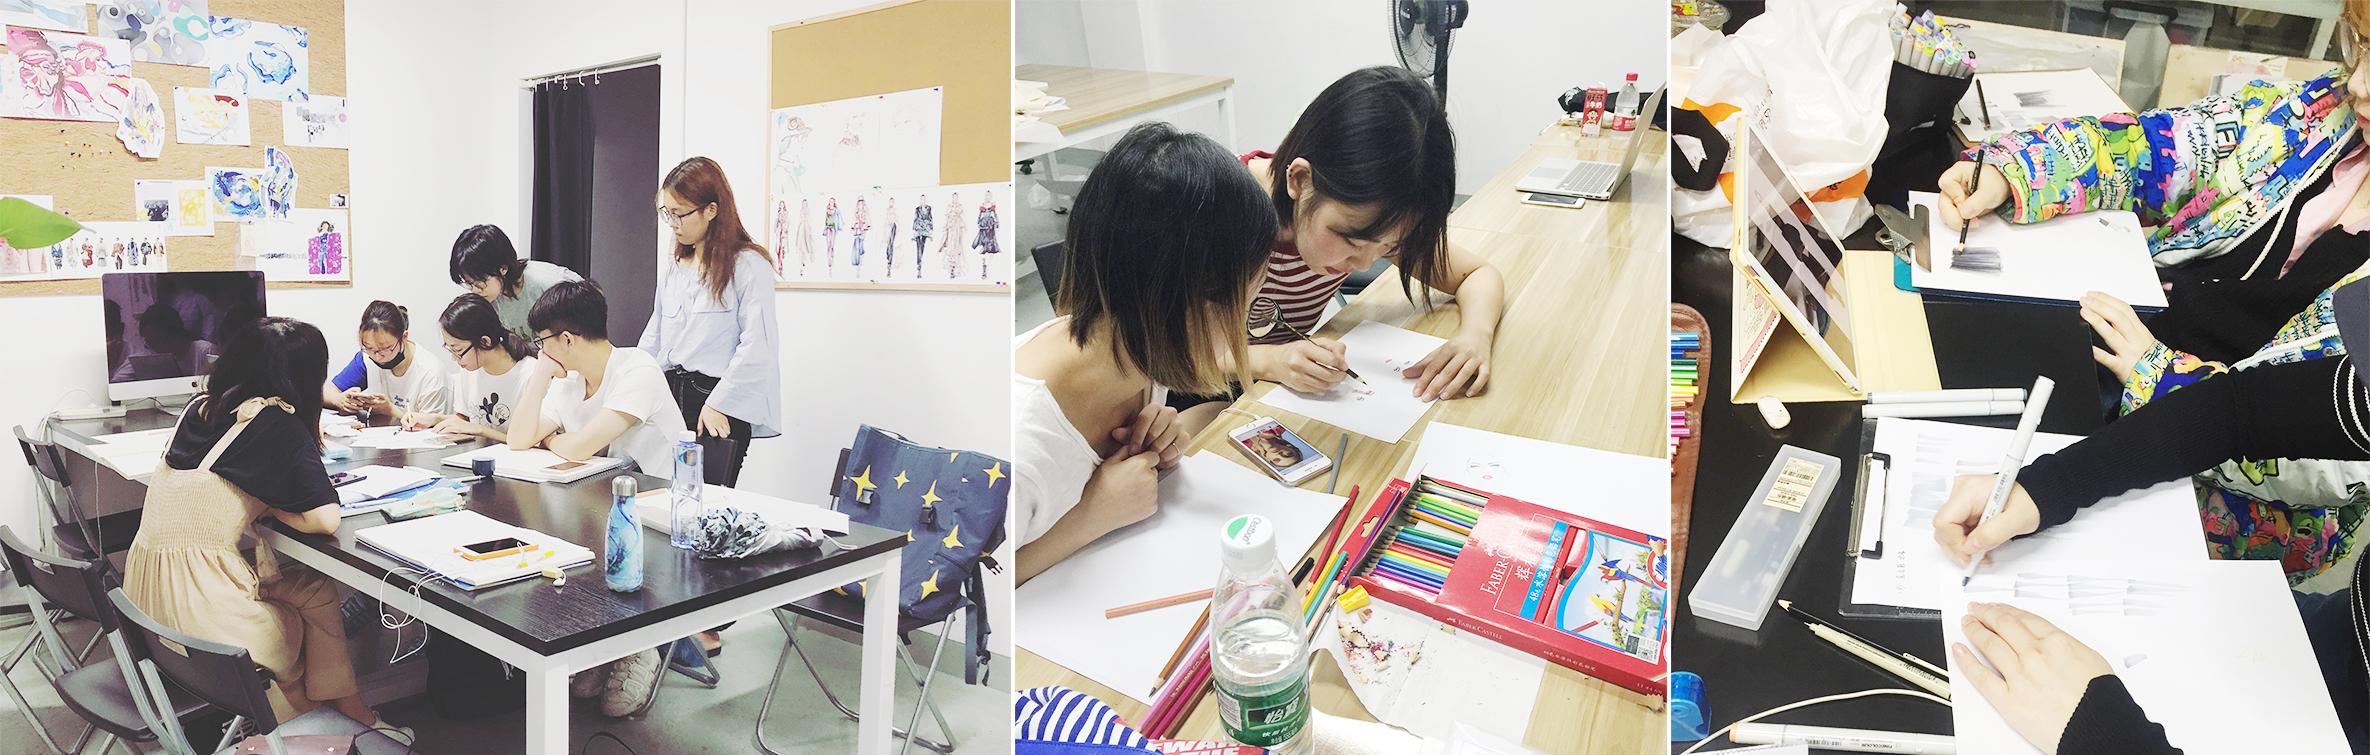 服装手绘效果图、课程氛围